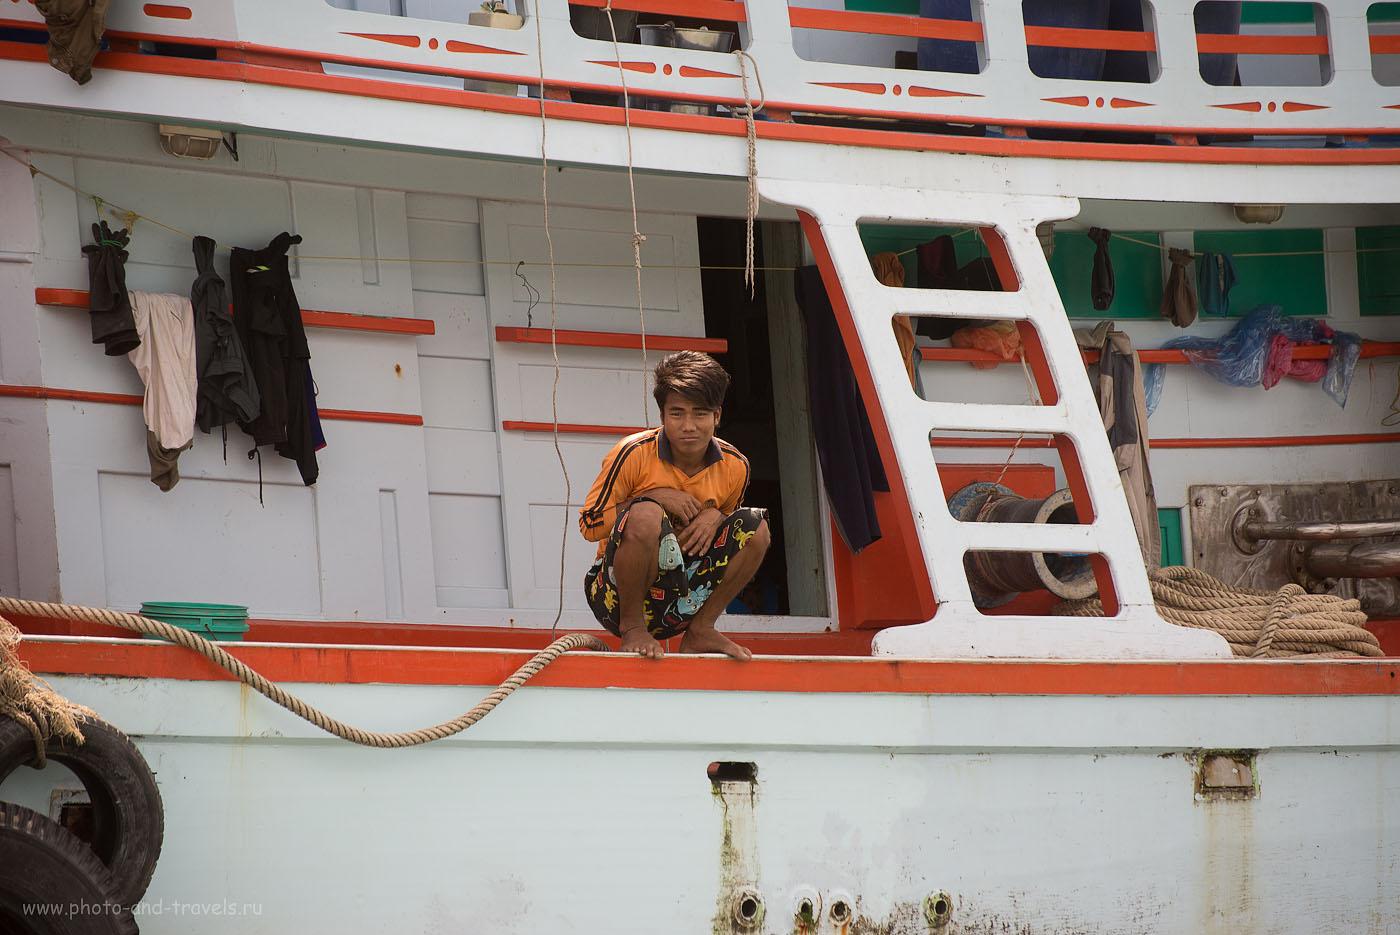 Фотография 5.  Рыбацкая деревня в окрестностях города Чумпхон в Таиланде. Добрый день, фаранги. (320, 180, 5.6, 1/800)